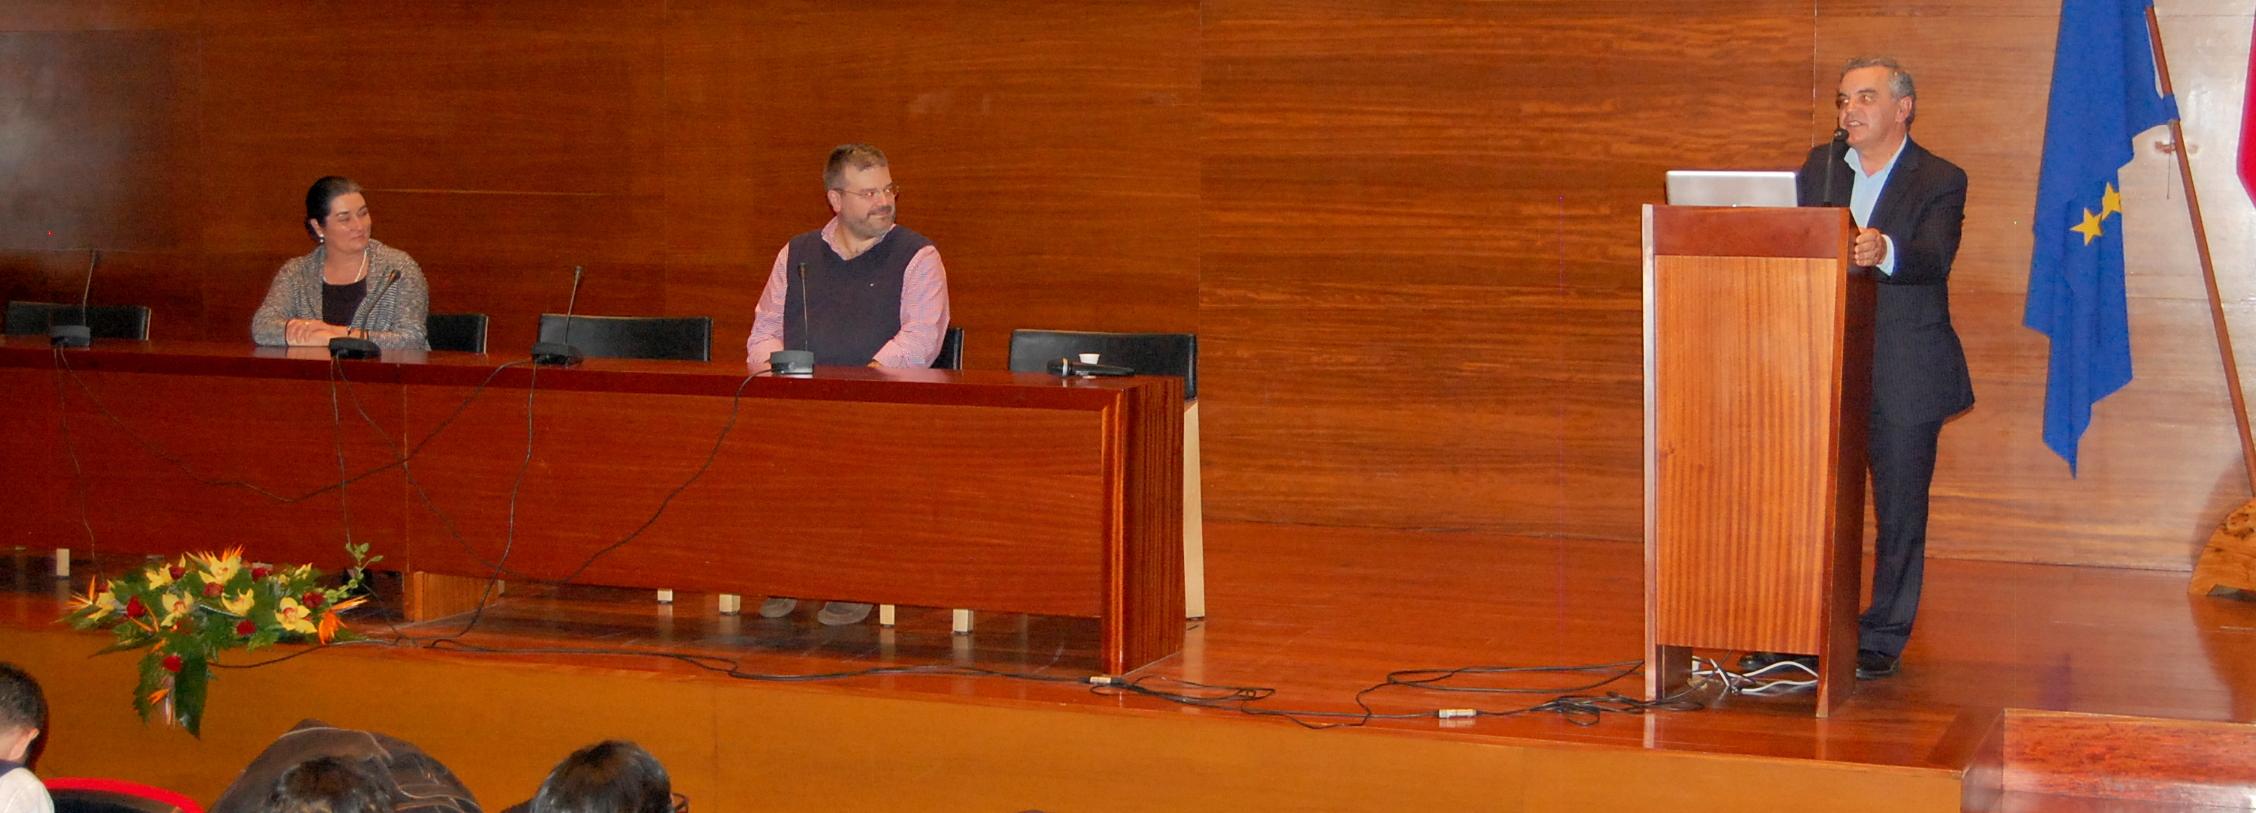 Câmara Municipal disponível para alargar cooperação com a Escola de Ciências da Saúde da Universidade do Minho